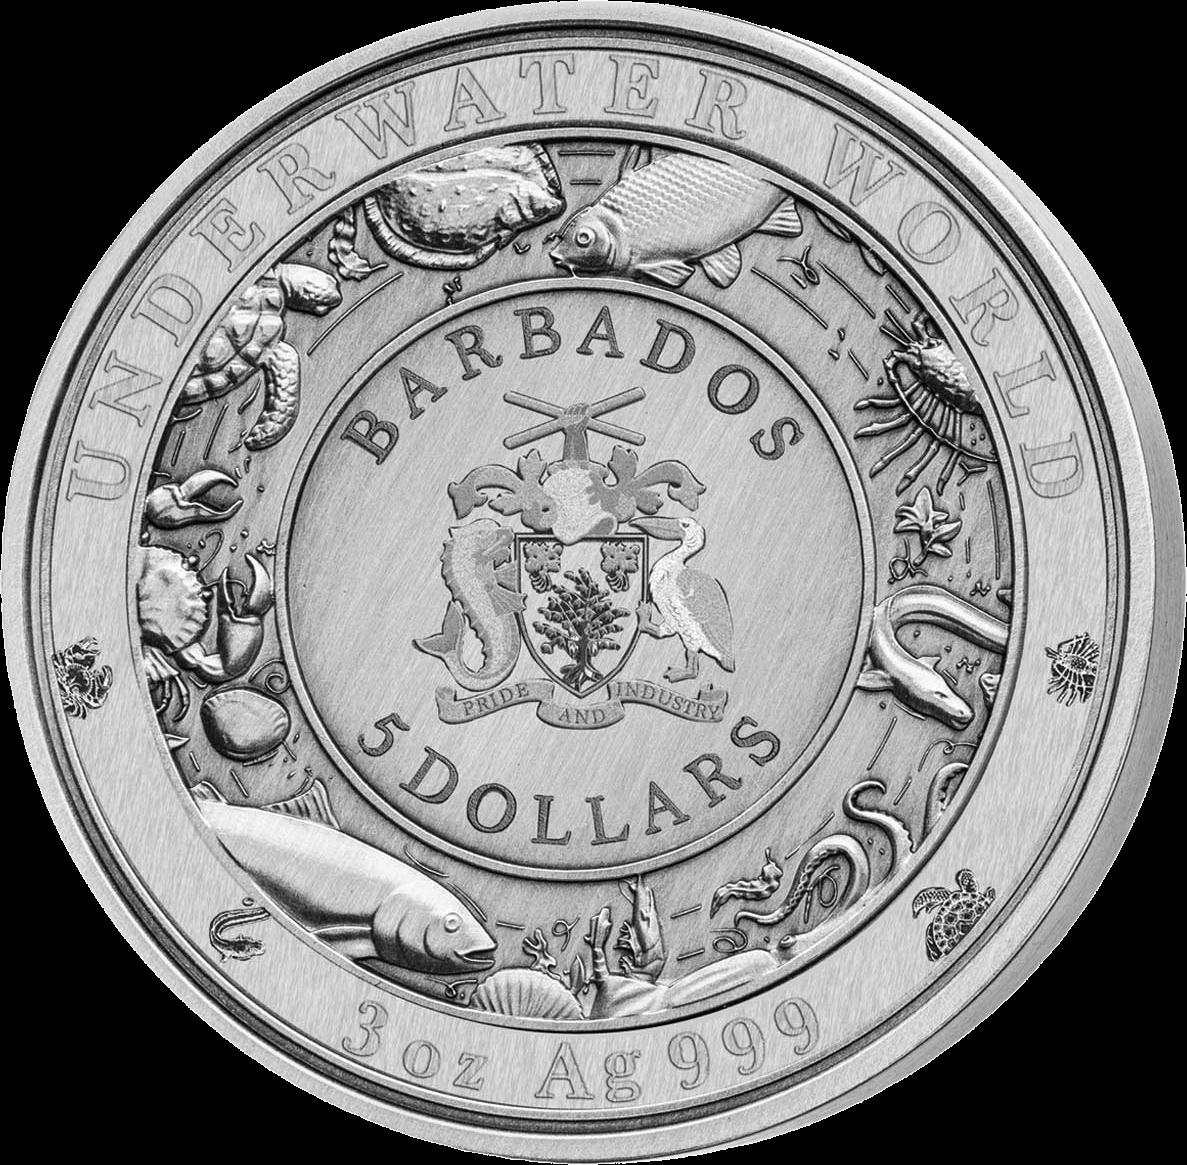 Барбадос 3-D монета в серии Подводный мир, 2019 год, аверс